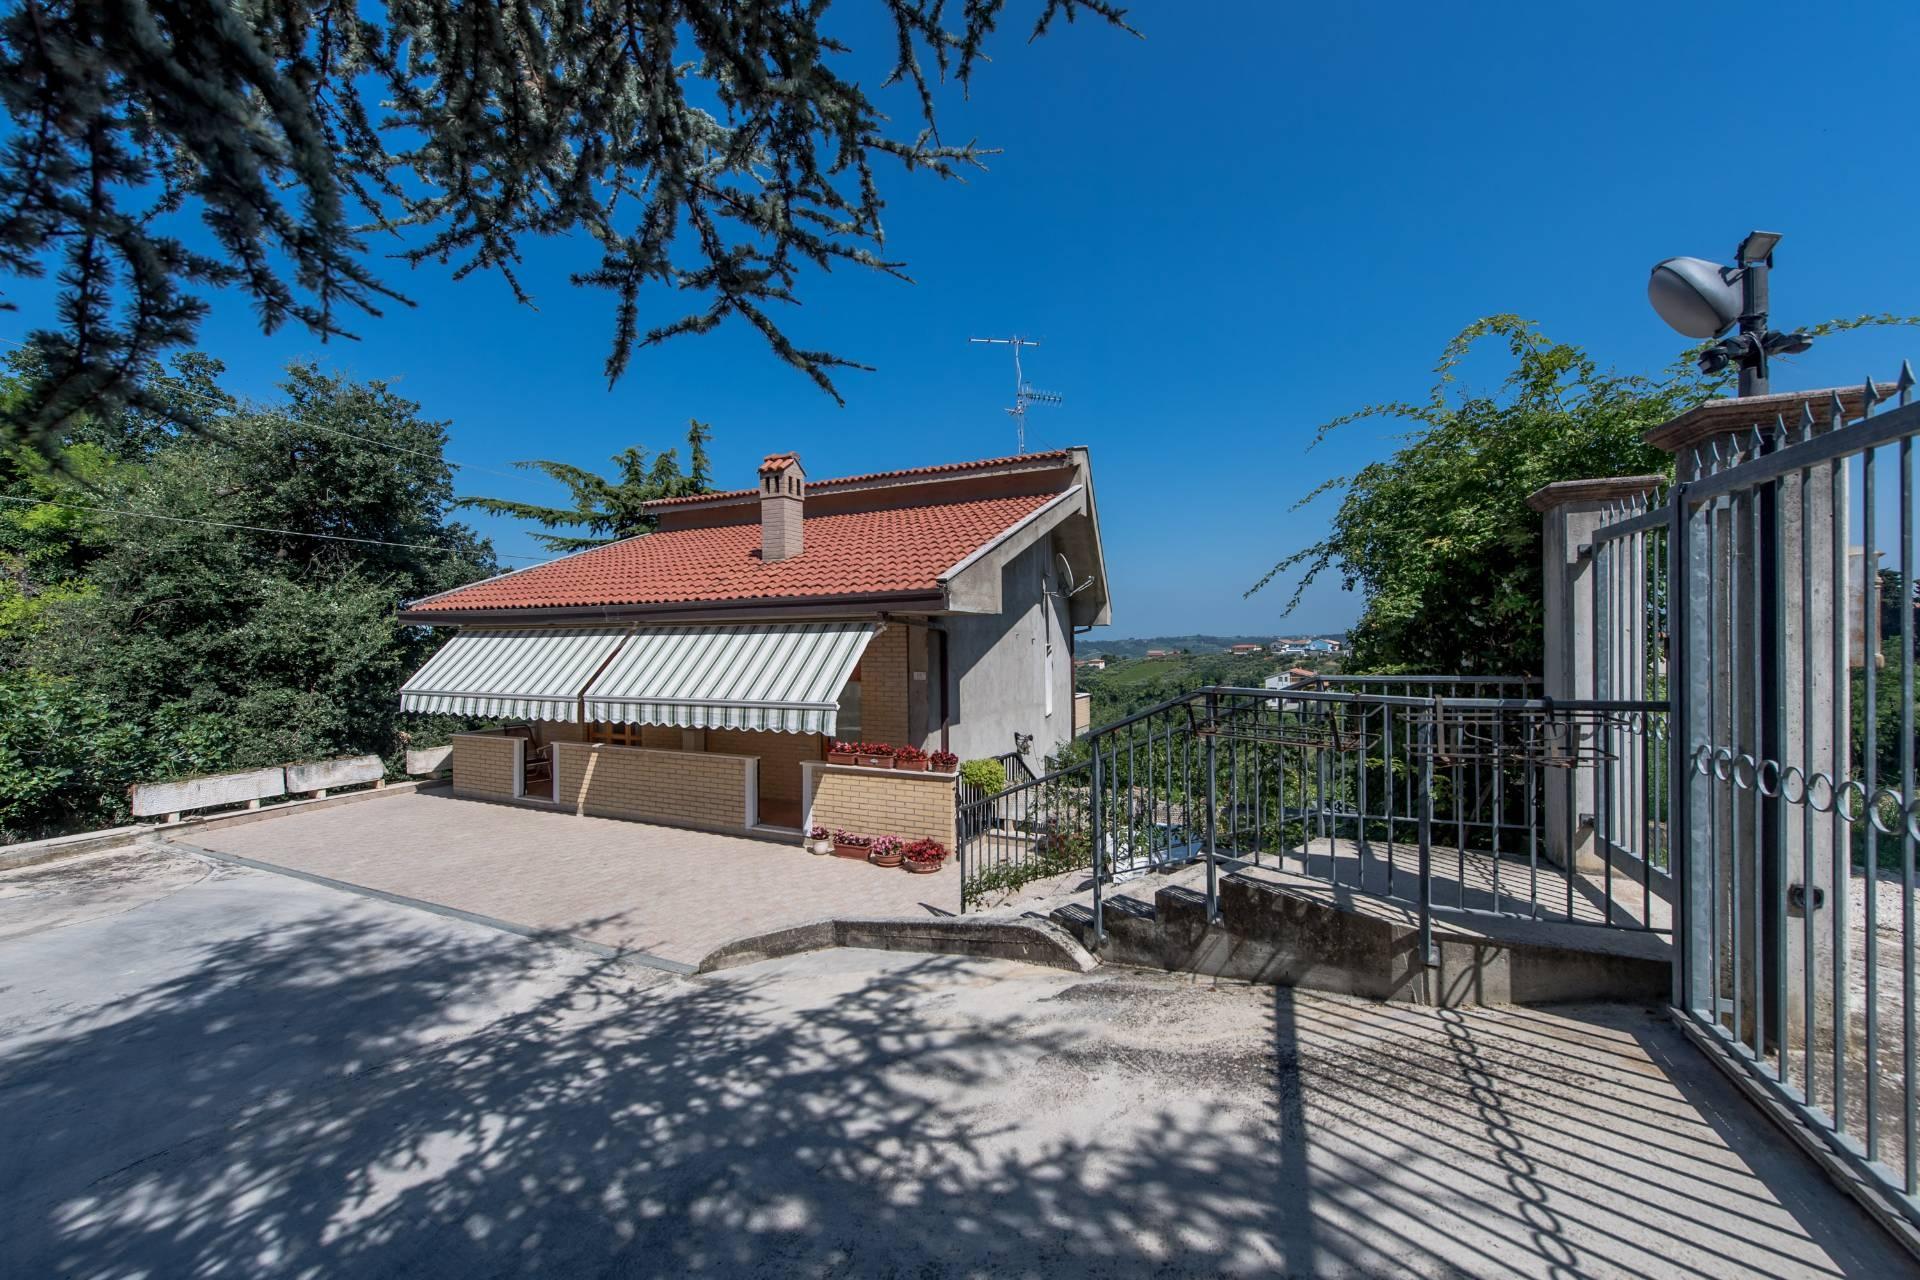 Soluzione Indipendente in vendita a Villamagna, 9 locali, prezzo € 169.000 | CambioCasa.it